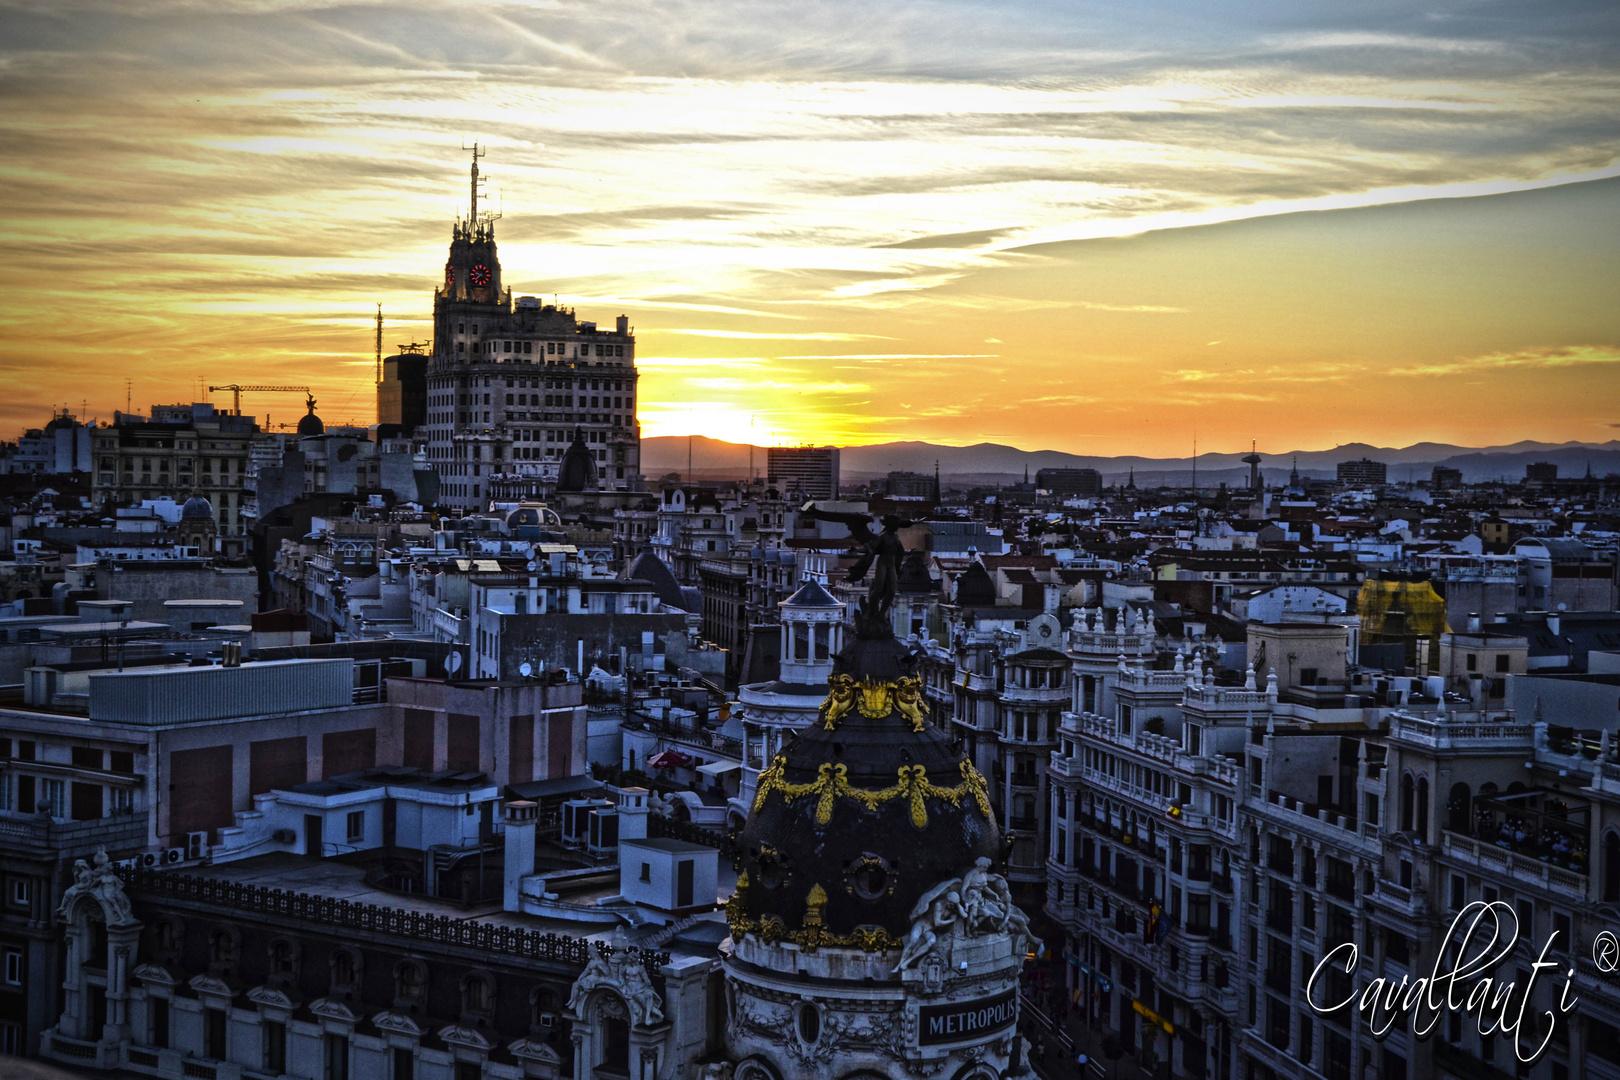 Metropolis, Edificio TESA, Faro de Moncloa y un atardecer